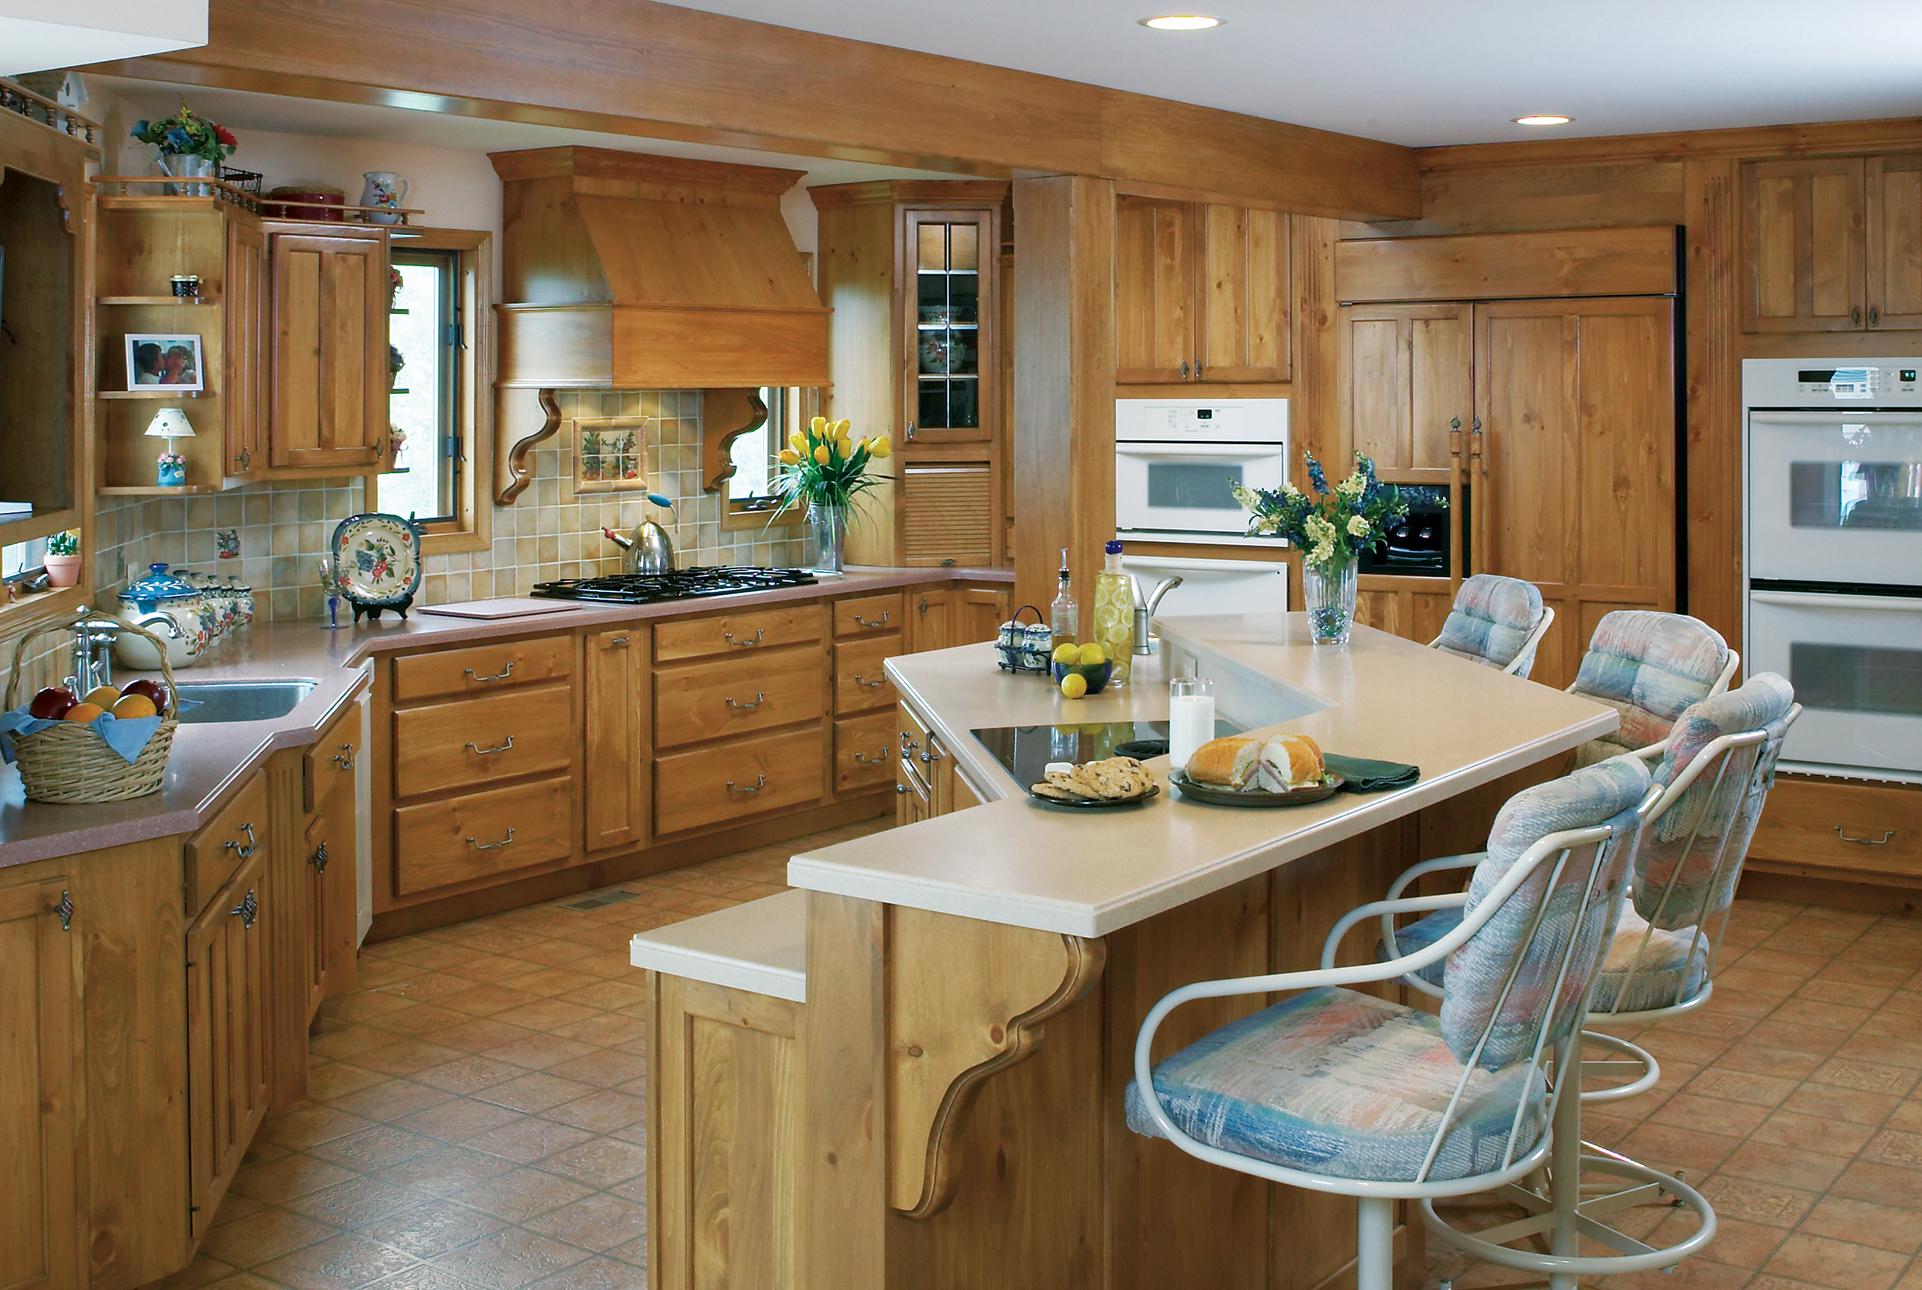 Kitchen decor photo - 3